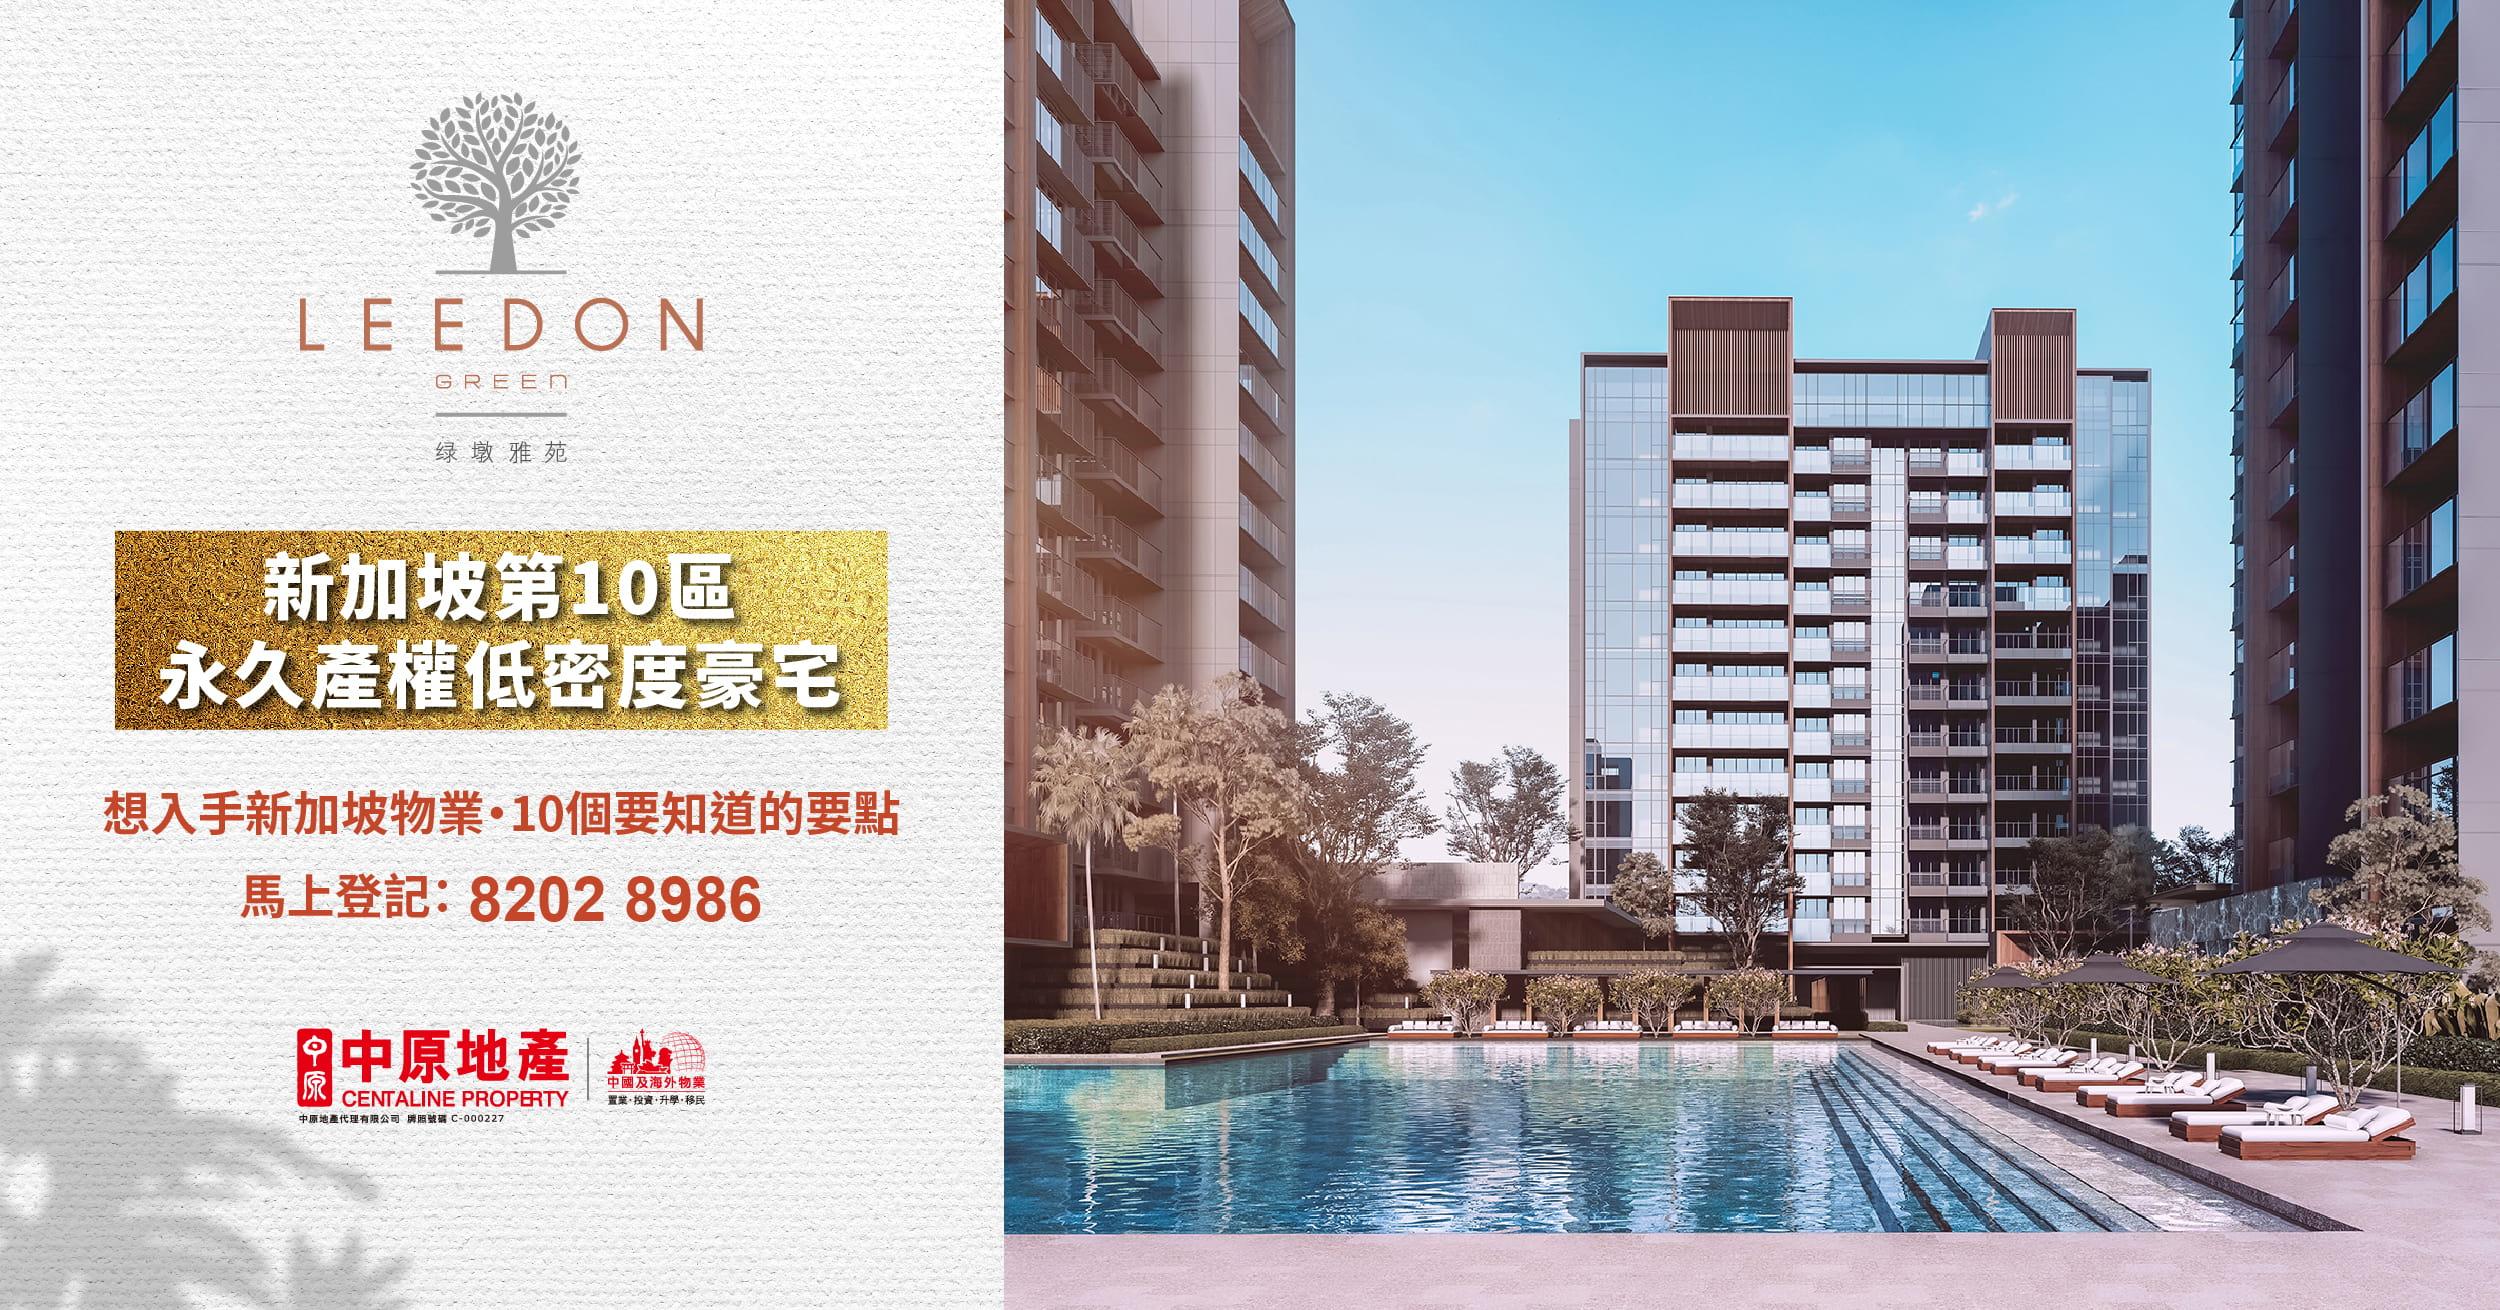 Leedon+Green+Chn+-banner+0801-01s.jpg